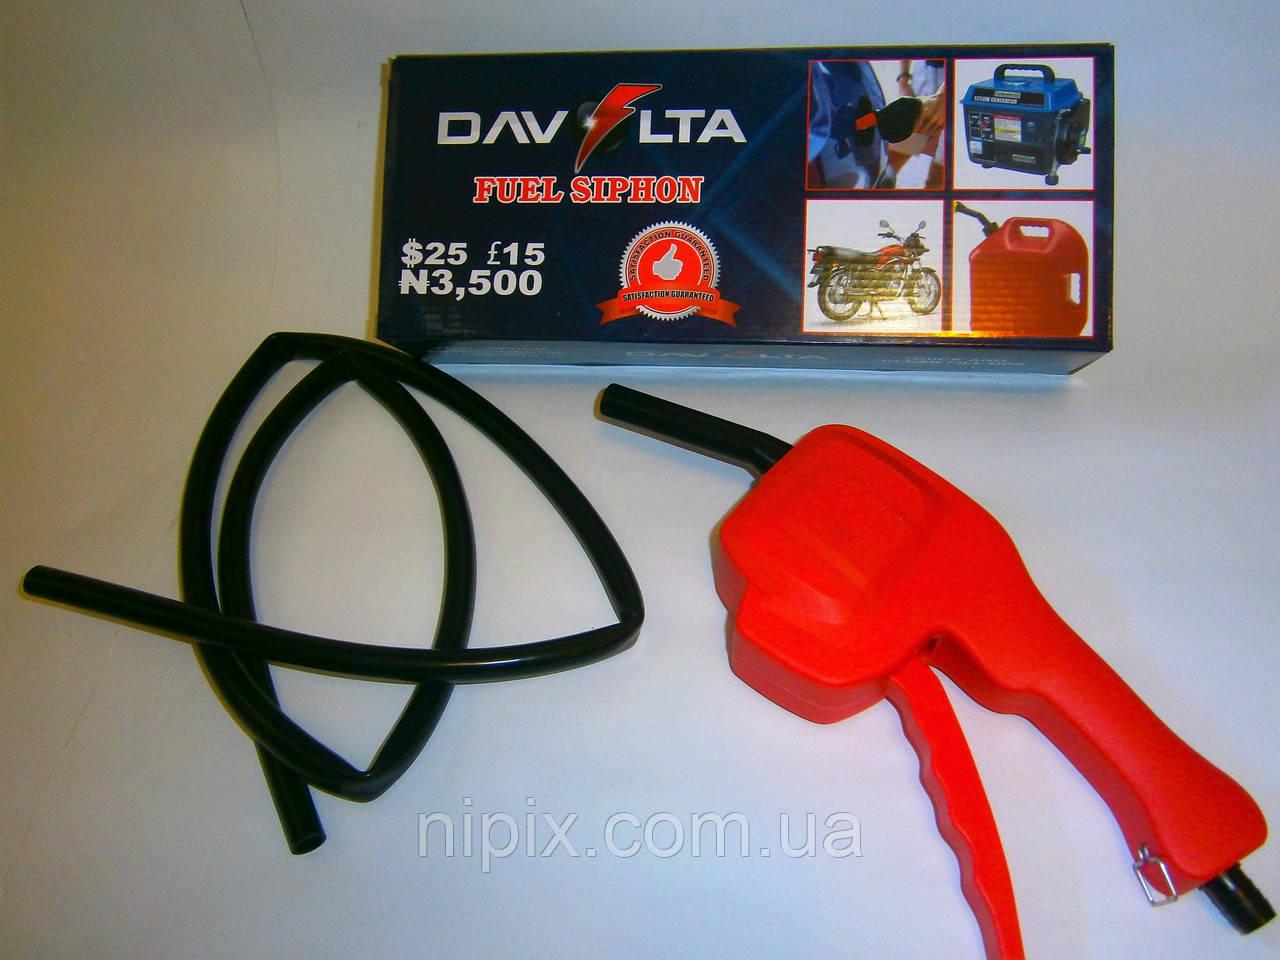 Насос для перекачки топлива (жидкости) Davolta Fuel Siphon